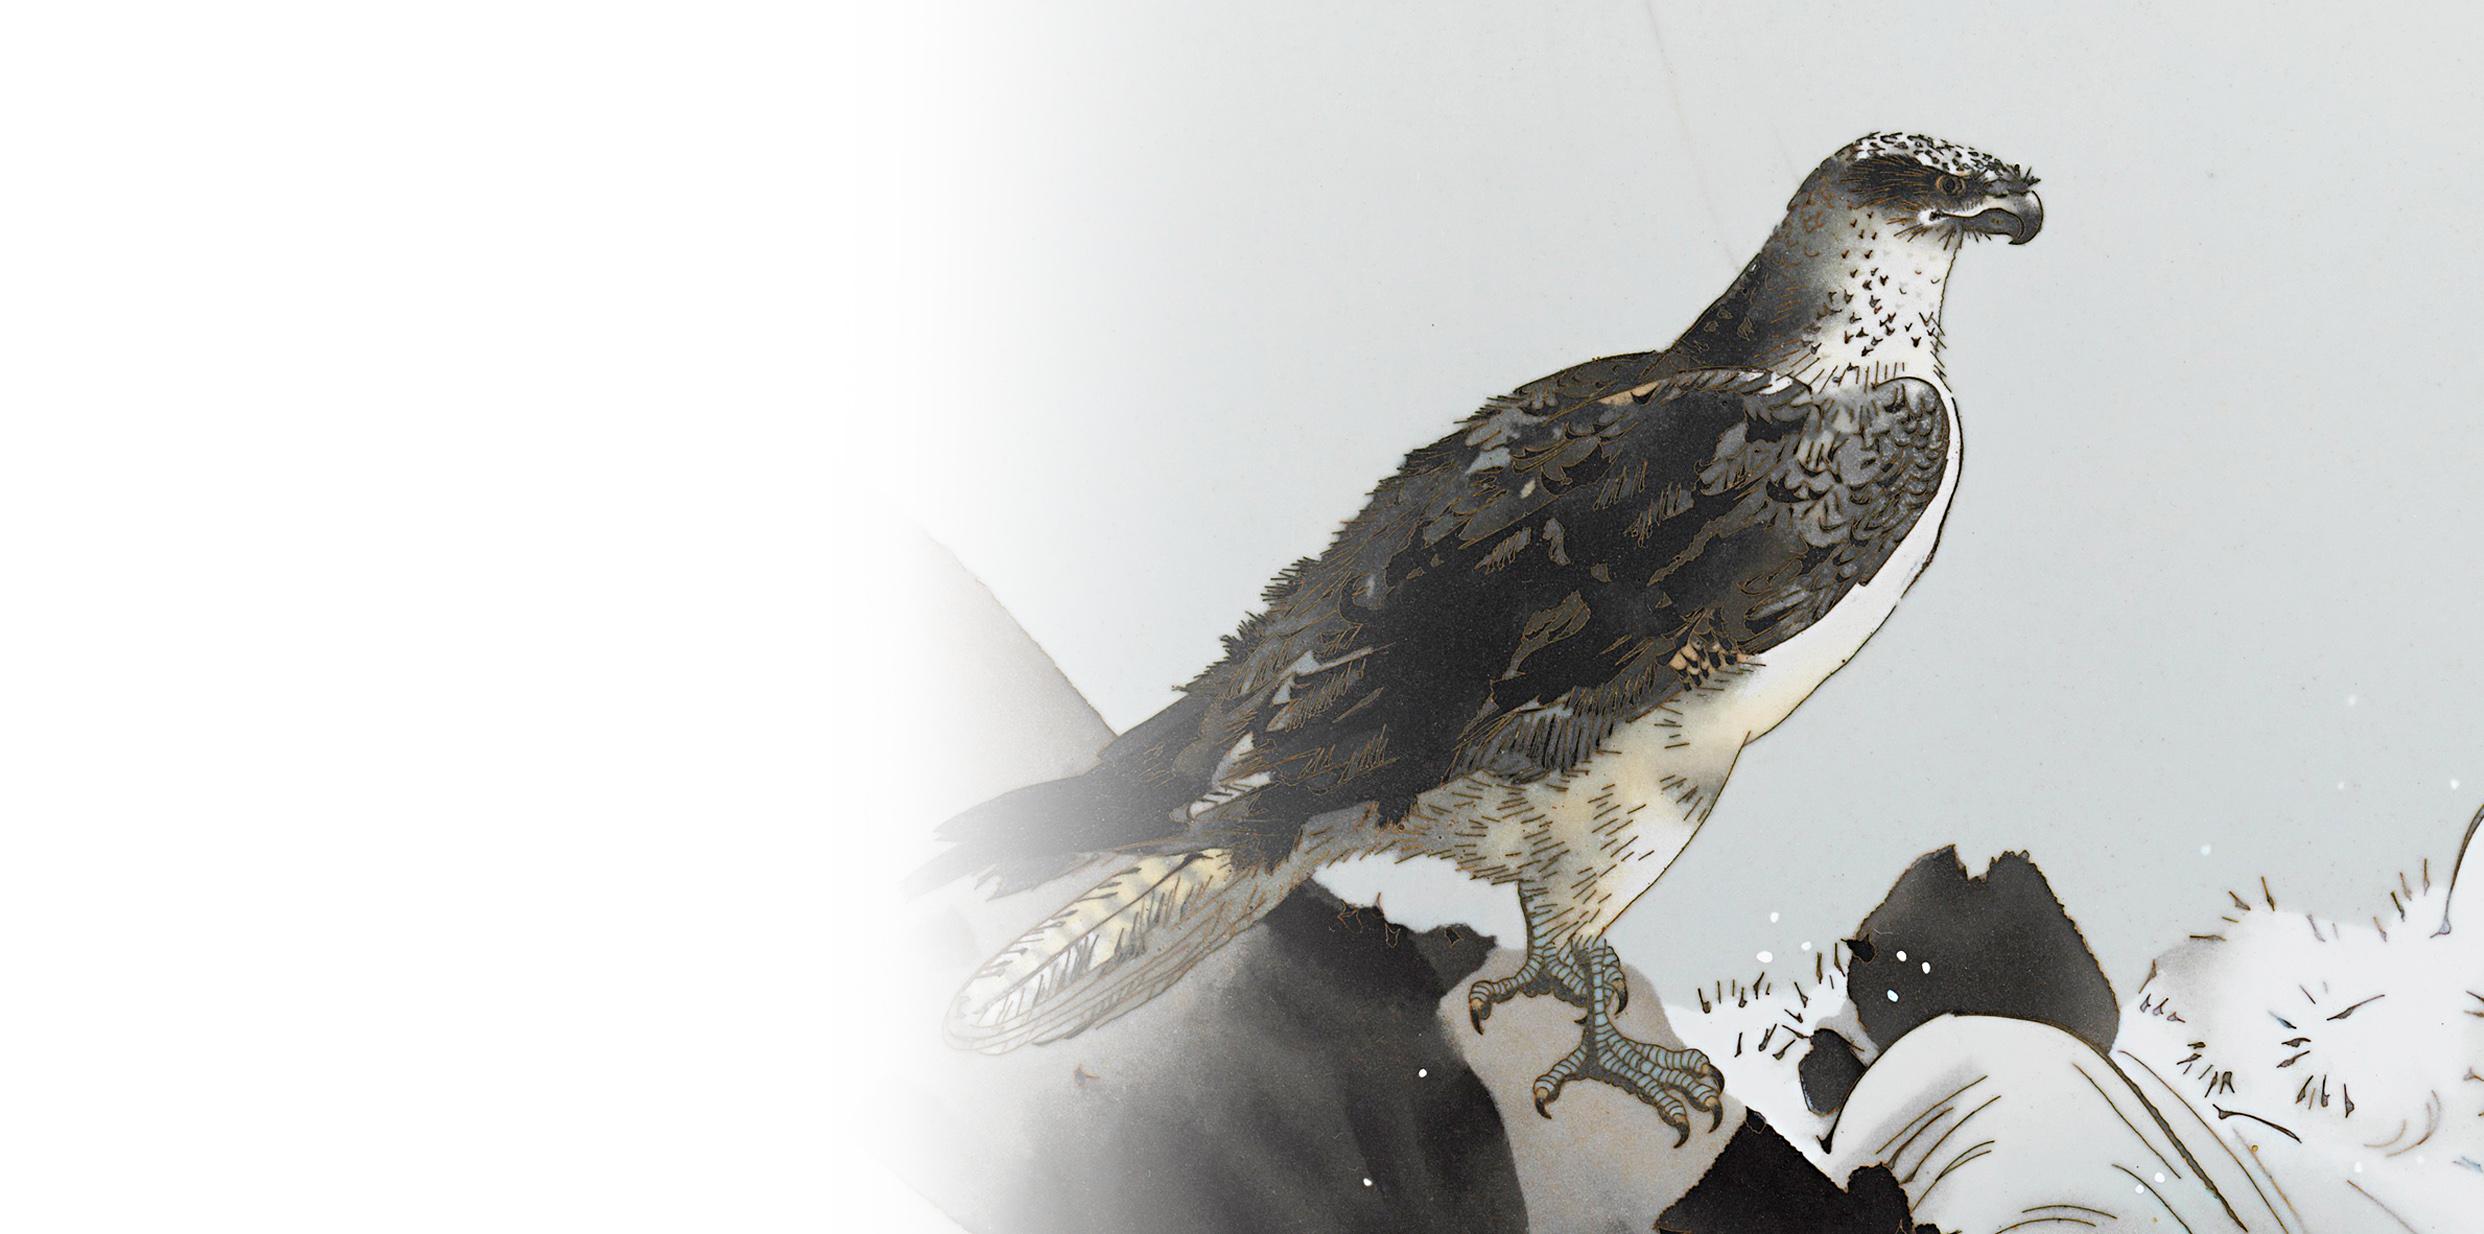 荒磯にはどんな鳥を描くべきか:七宝荒磯鶚図額